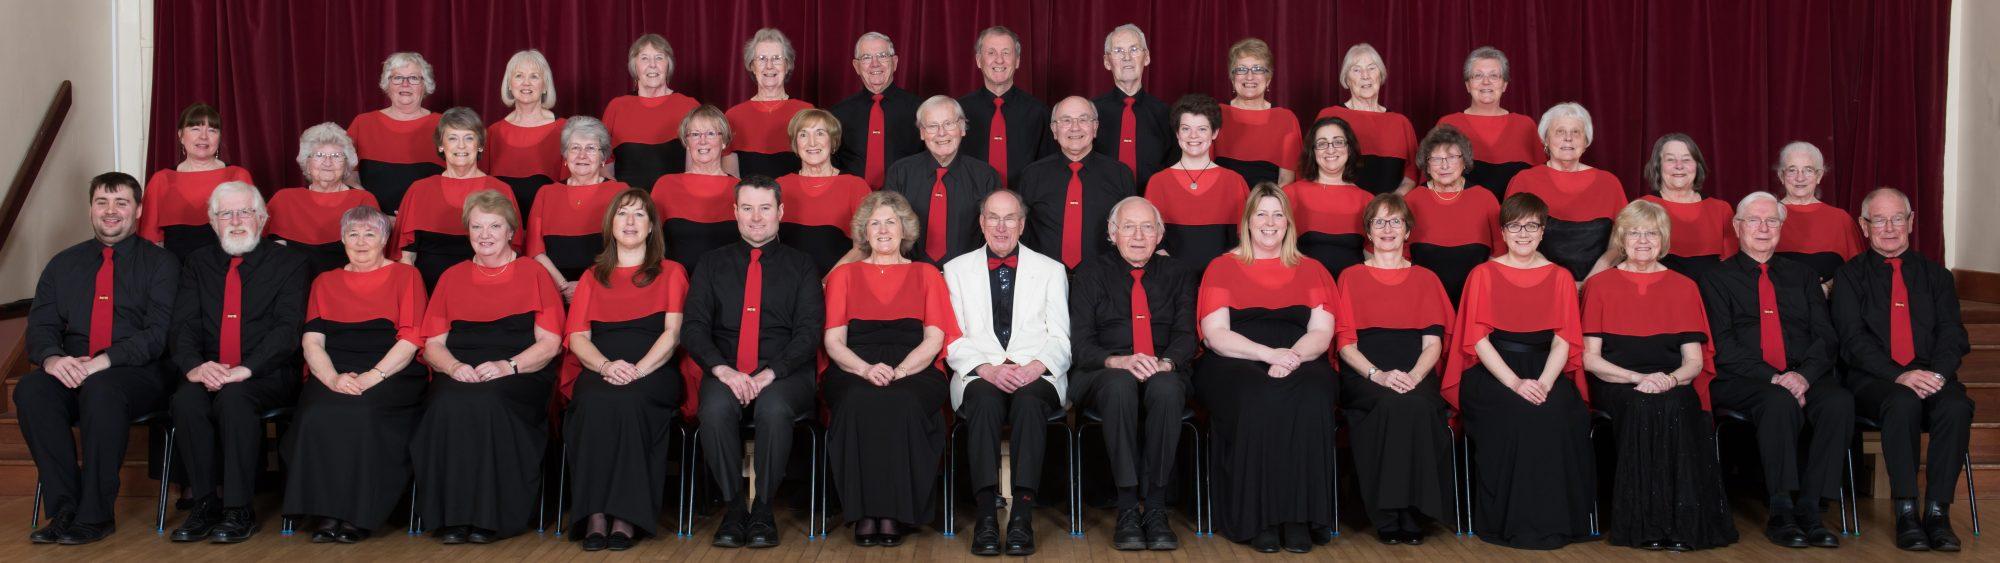 Steventon Choral Society